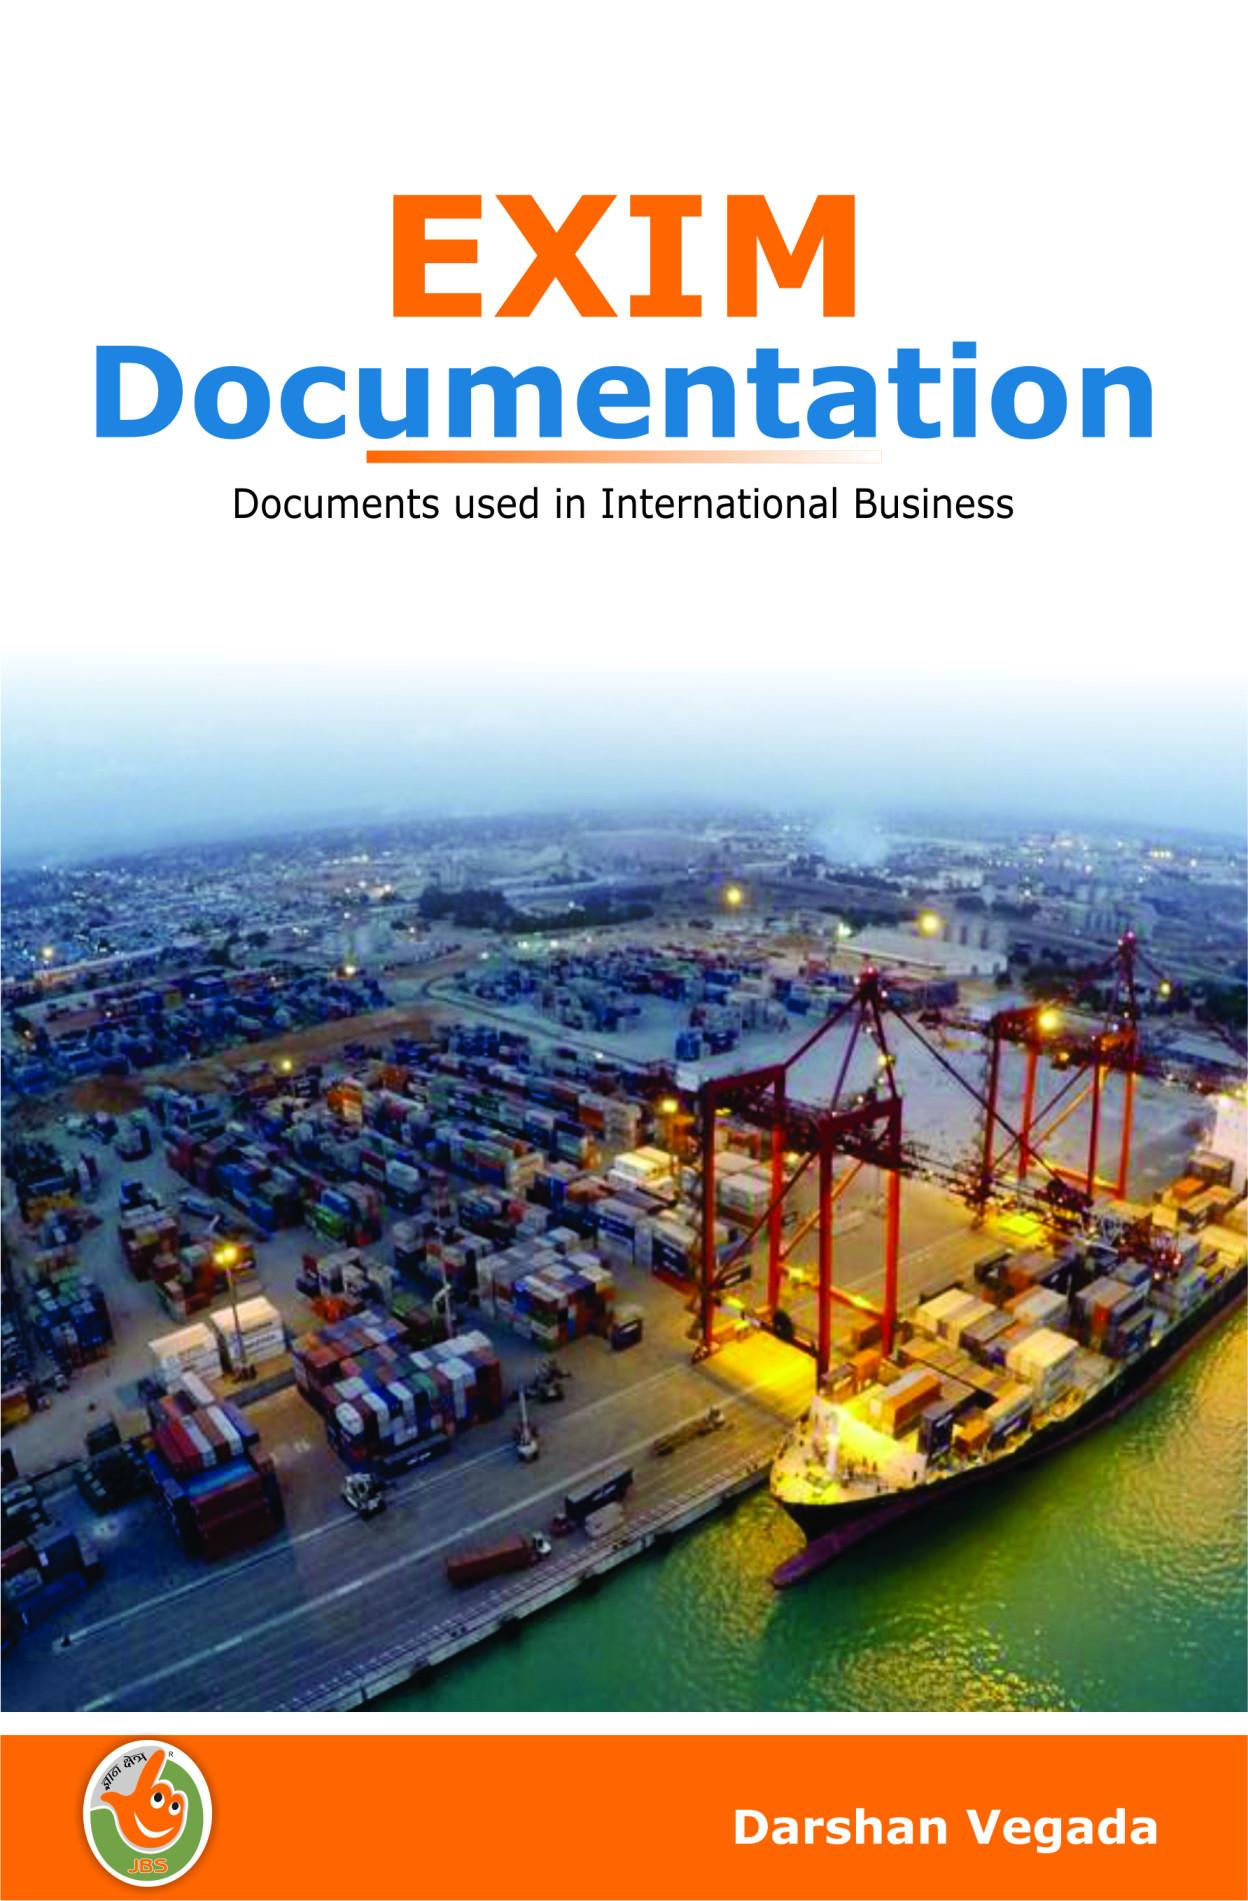 EXIM Documentation